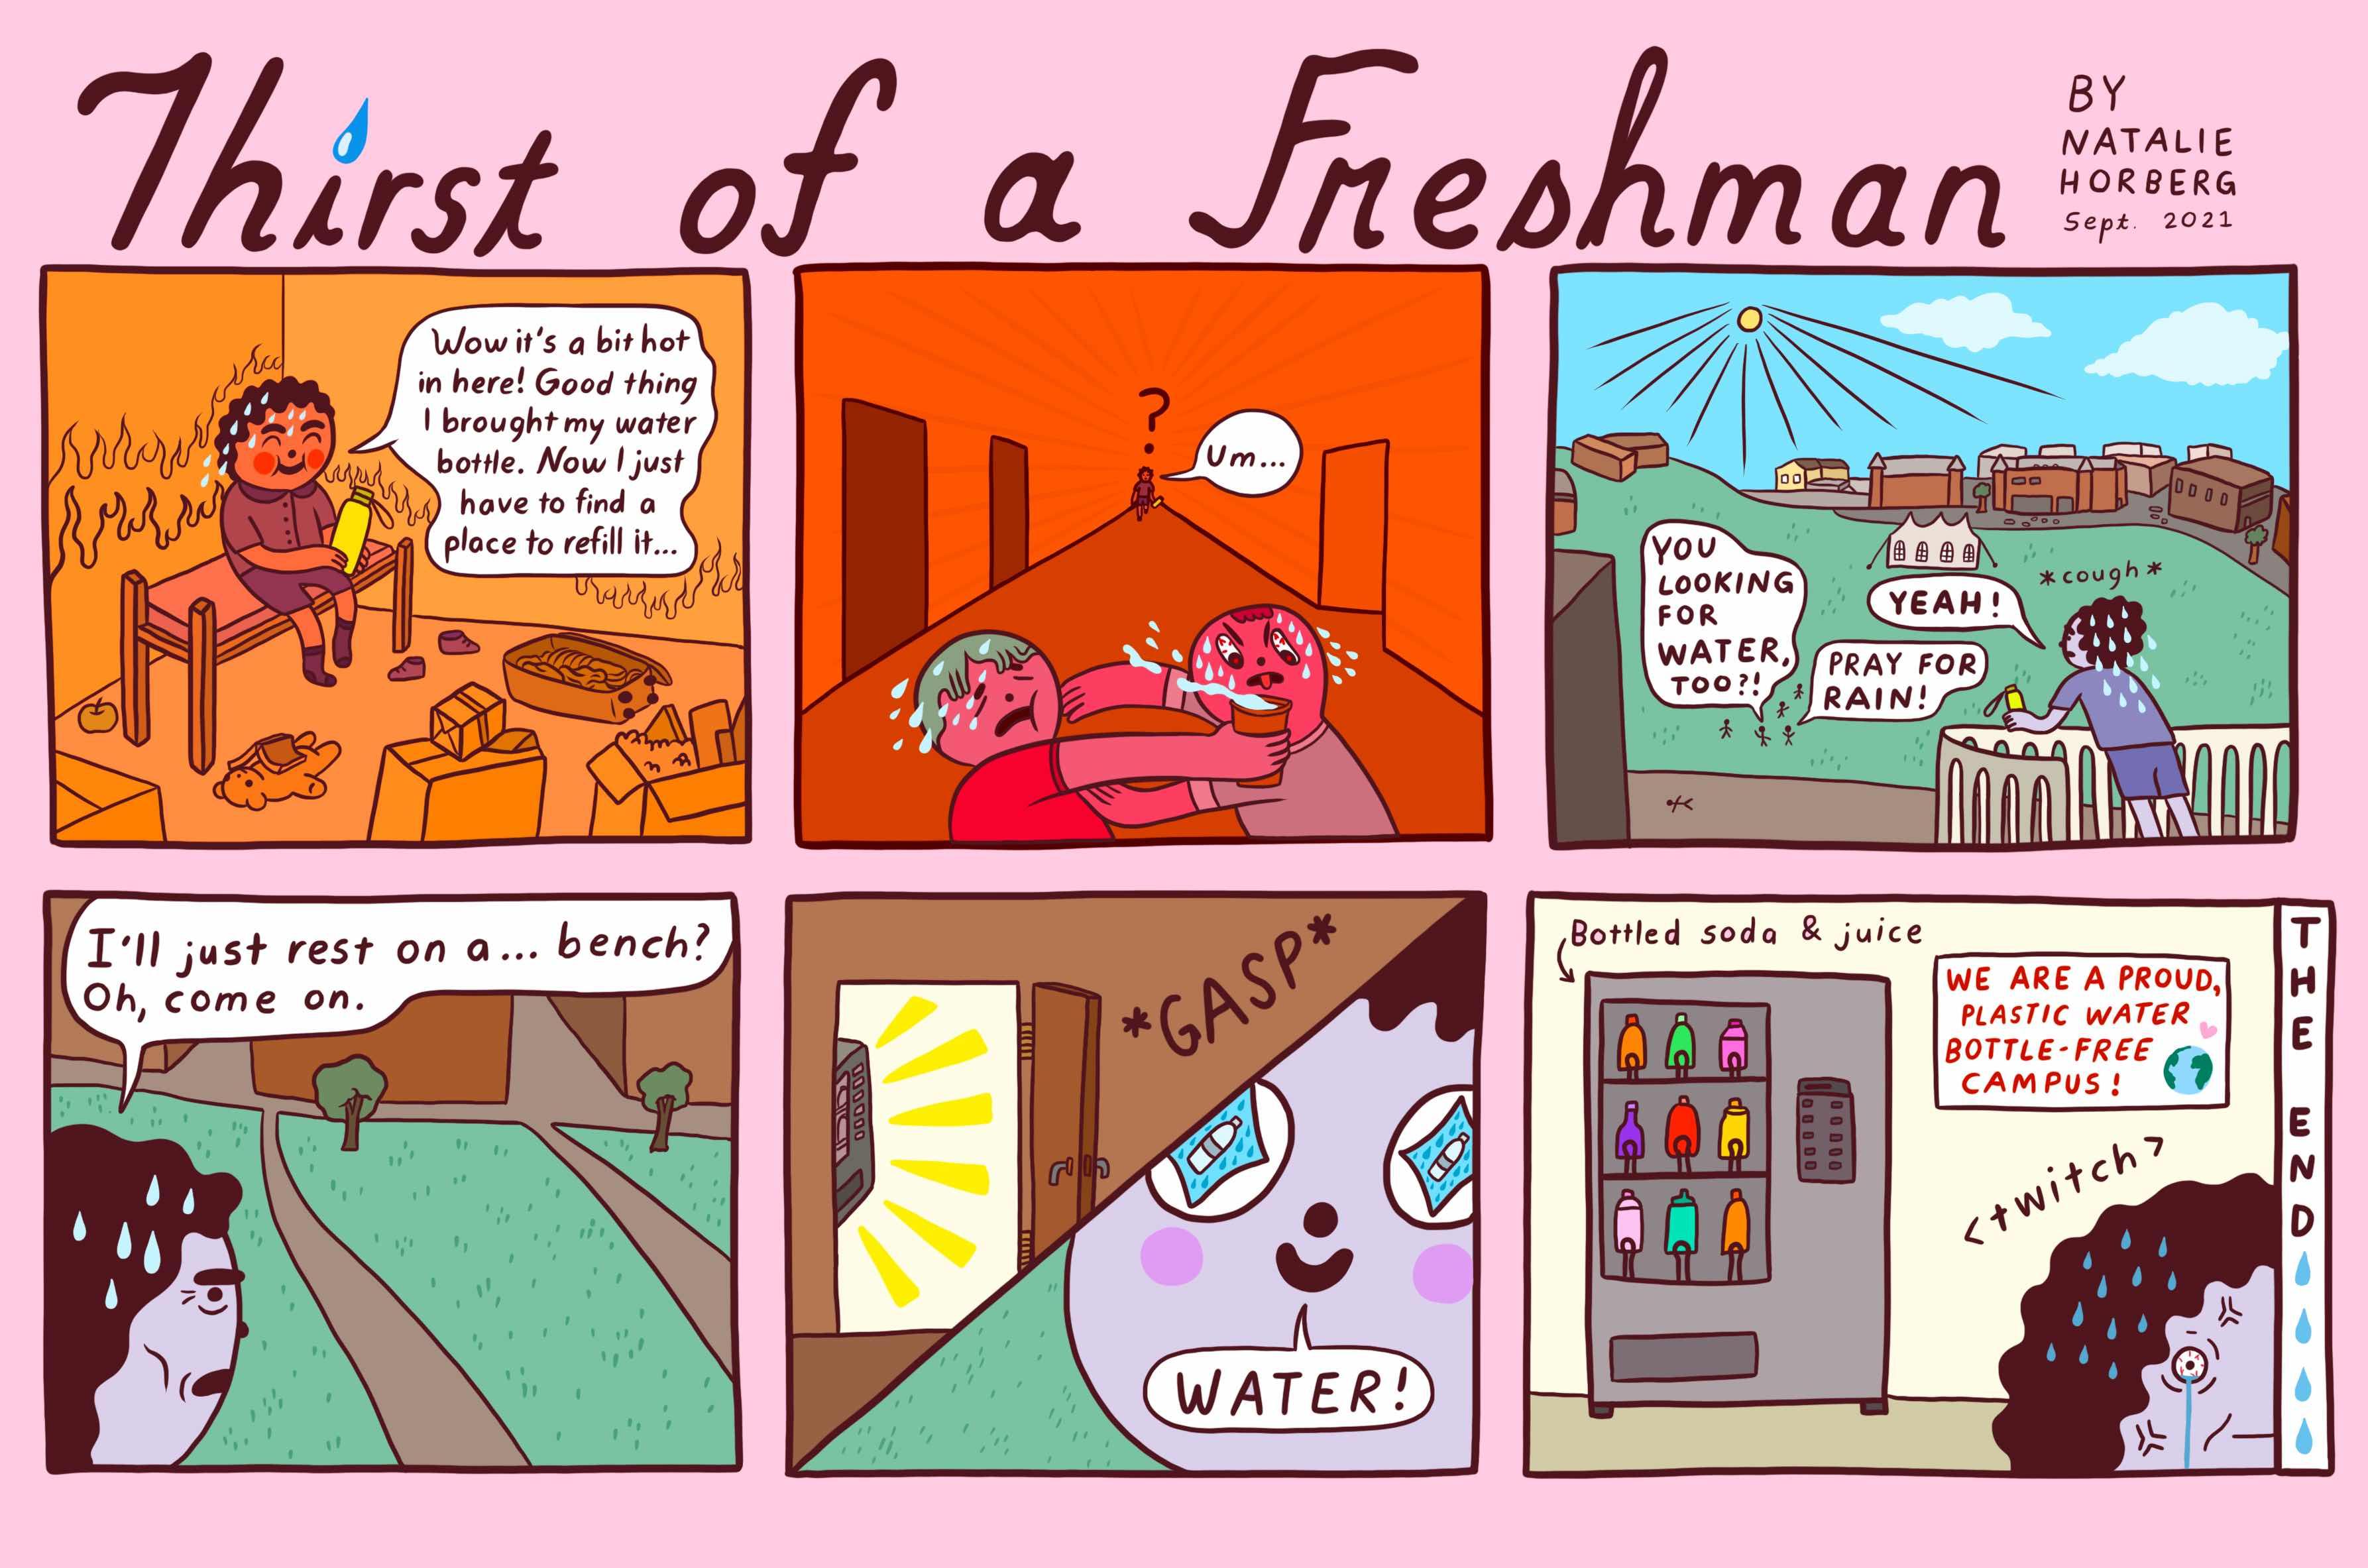 c/o Natalie Horberg, Contributing Cartoonist